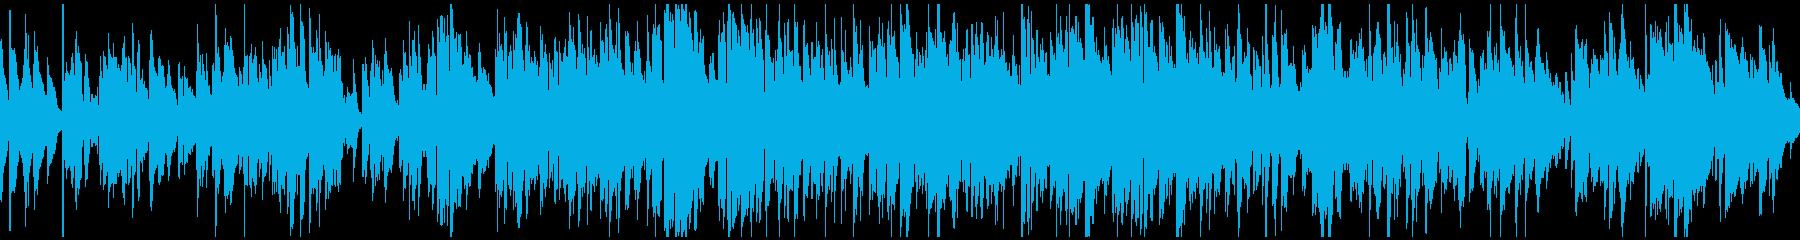 ほのぼの散歩日和ジャズサックス※ループ版の再生済みの波形